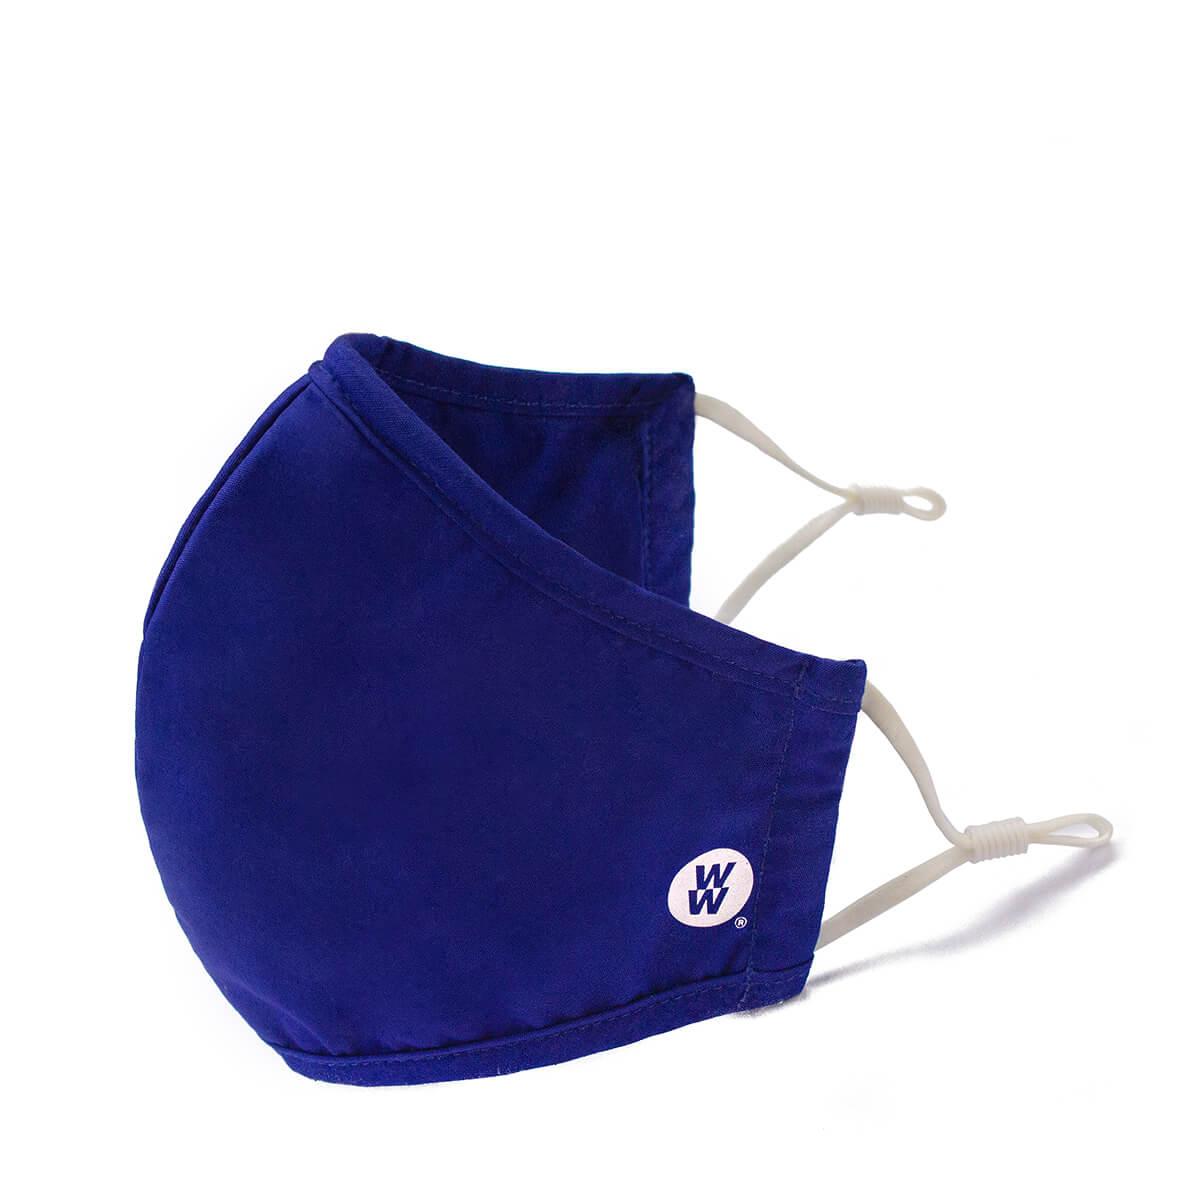 WW Reusable Cloth Mask